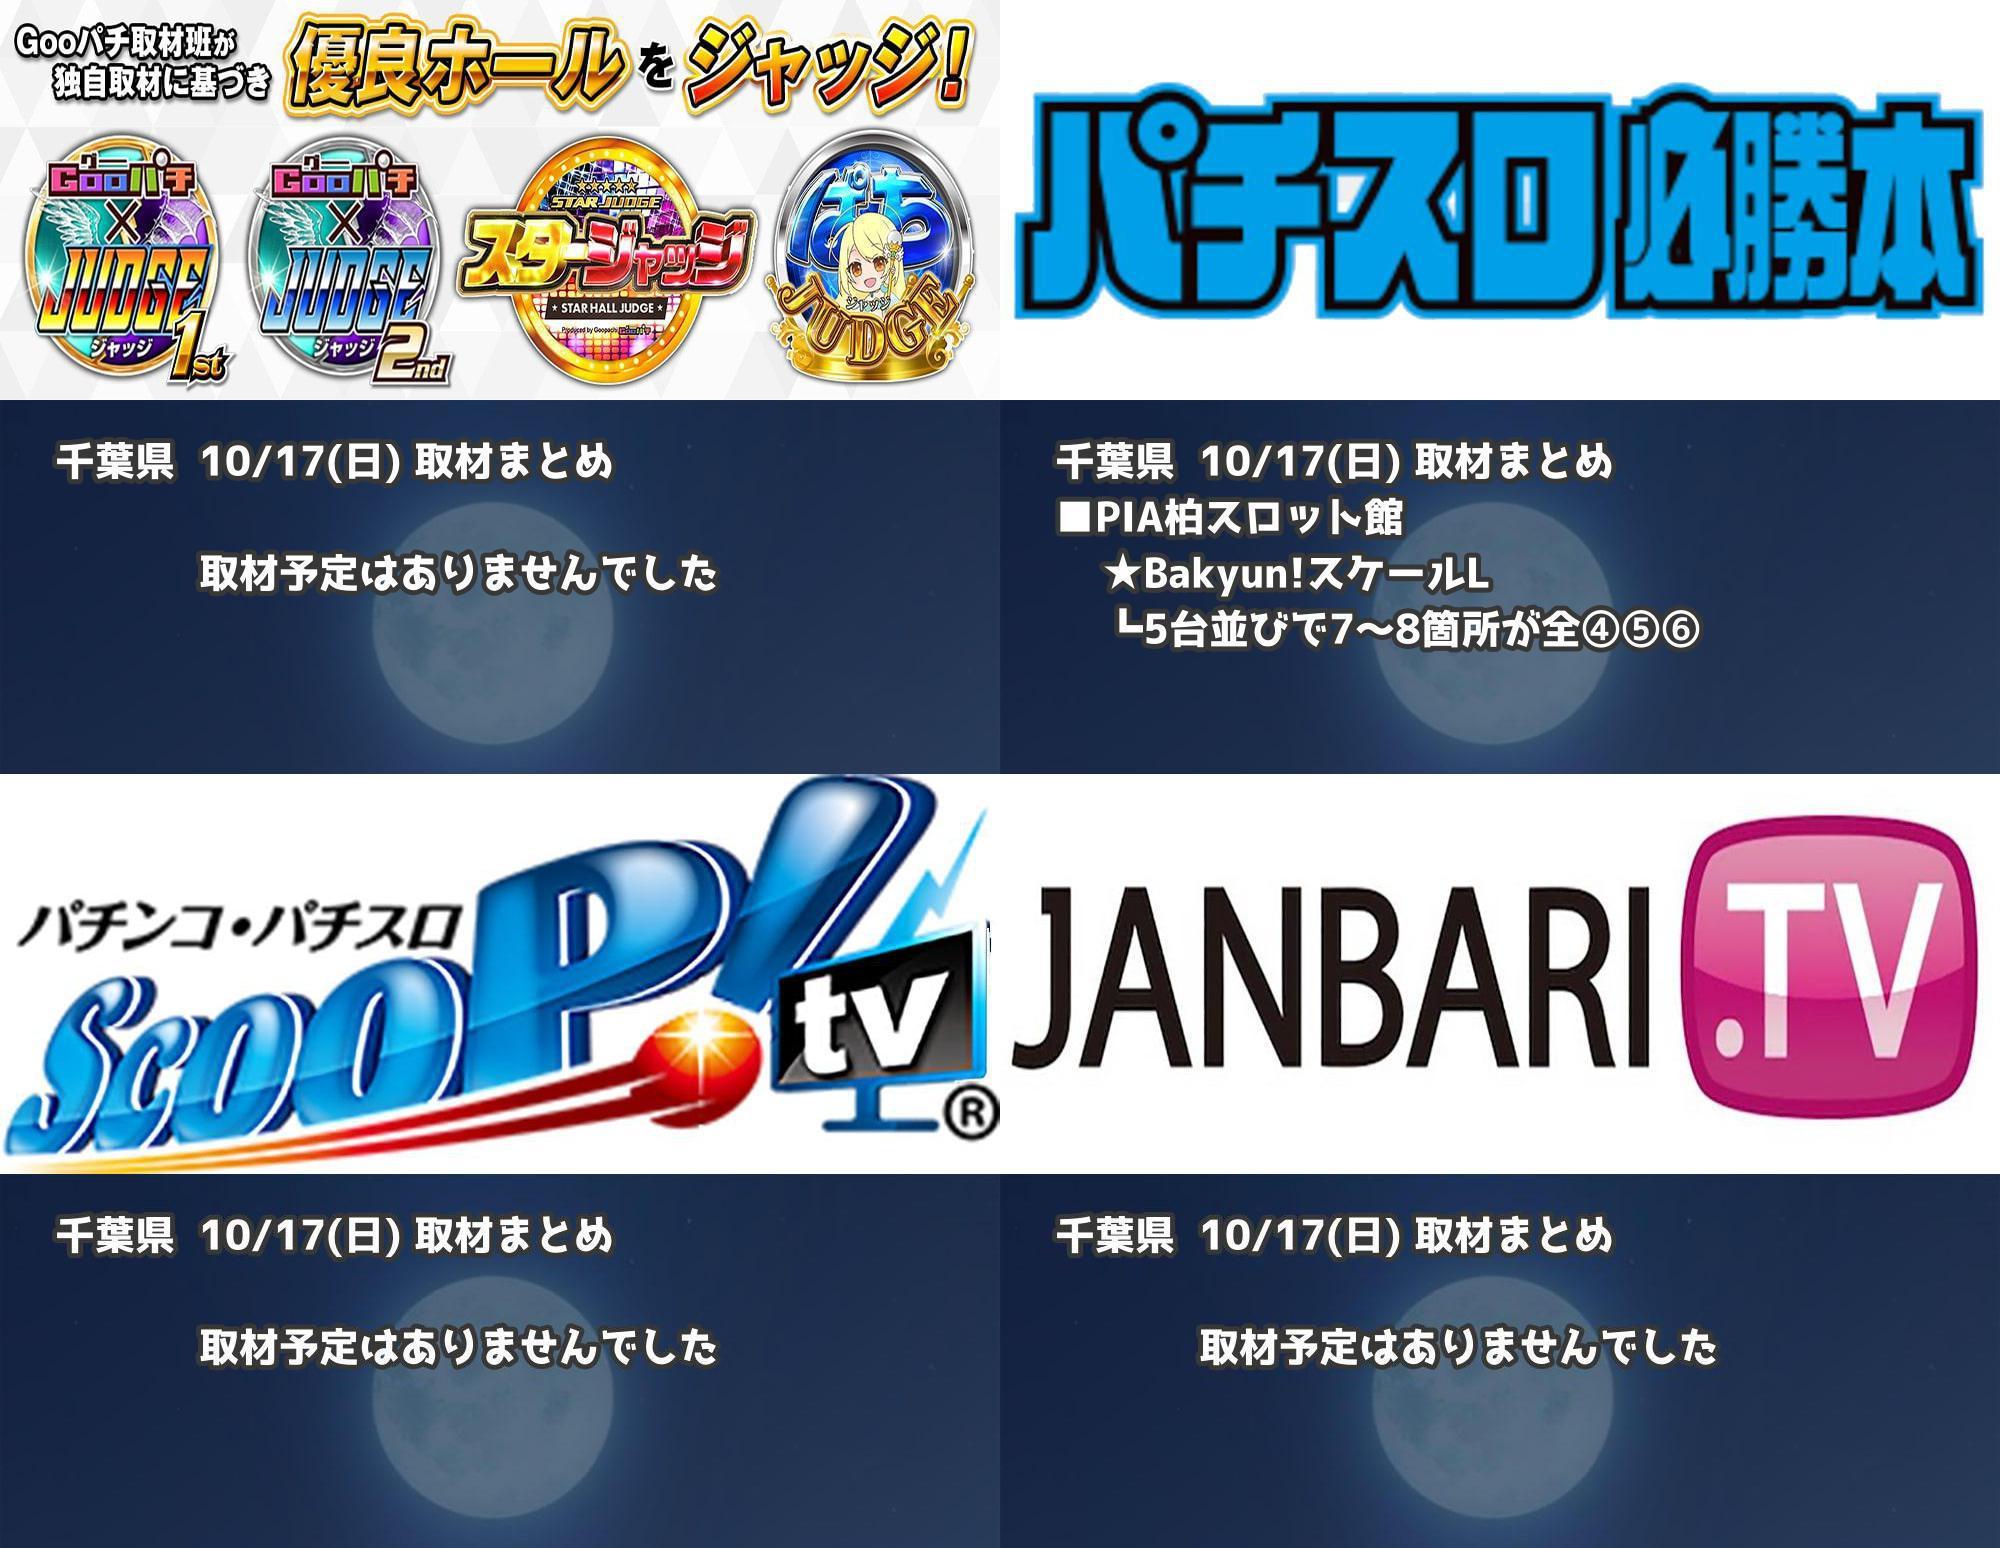 千葉県_2021-10-17_パチンコ・パチスロ_イベント